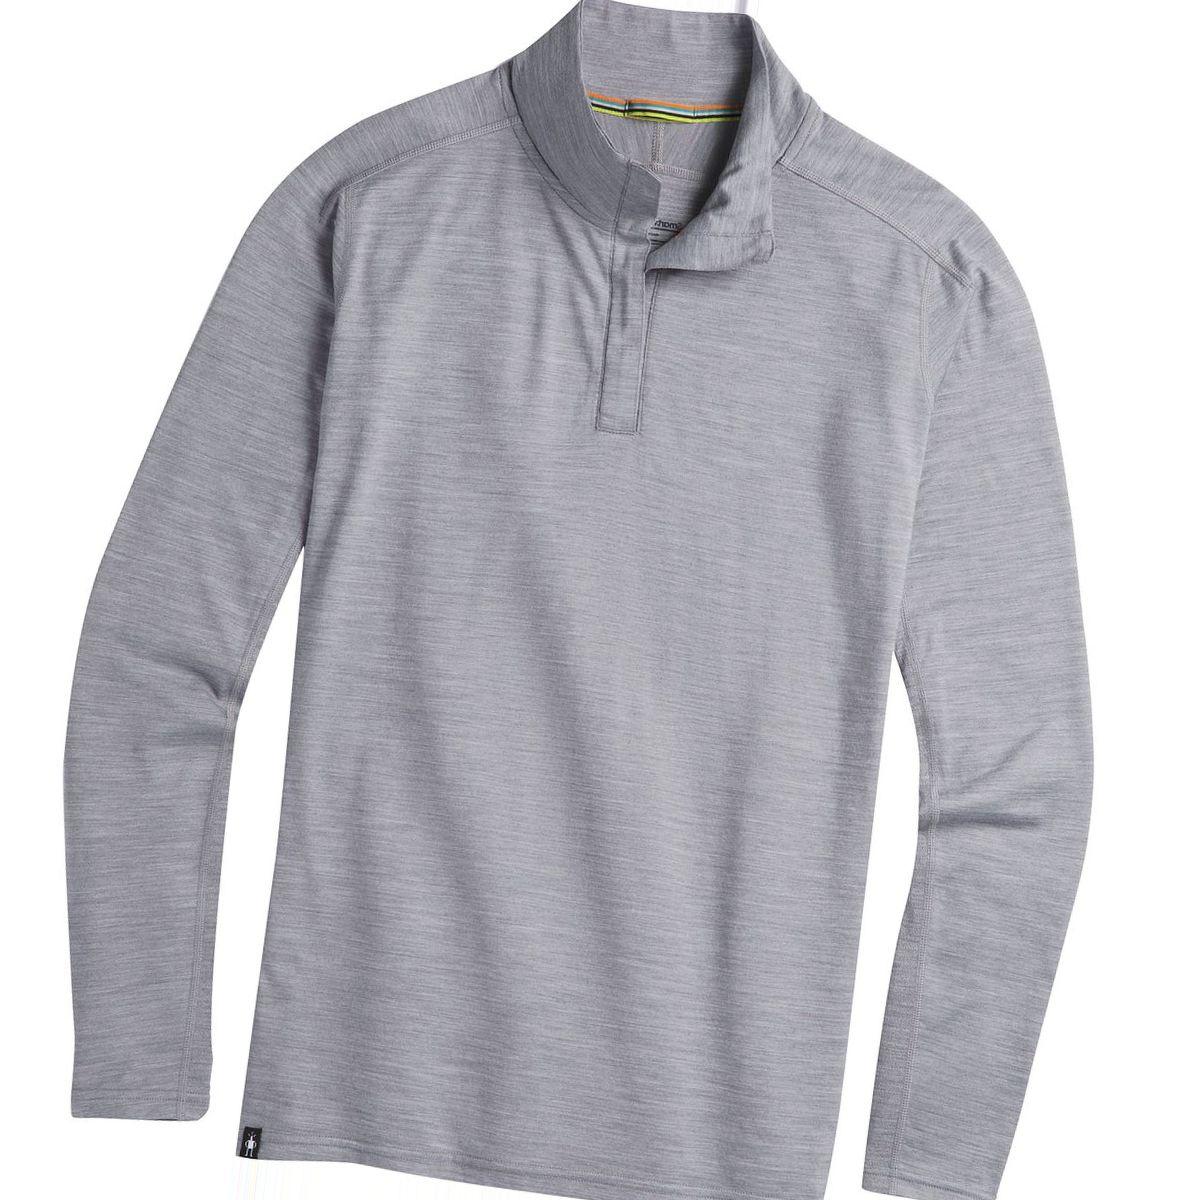 Smartwool Merino Sport 150 1/4-Zip Shirt - Men's